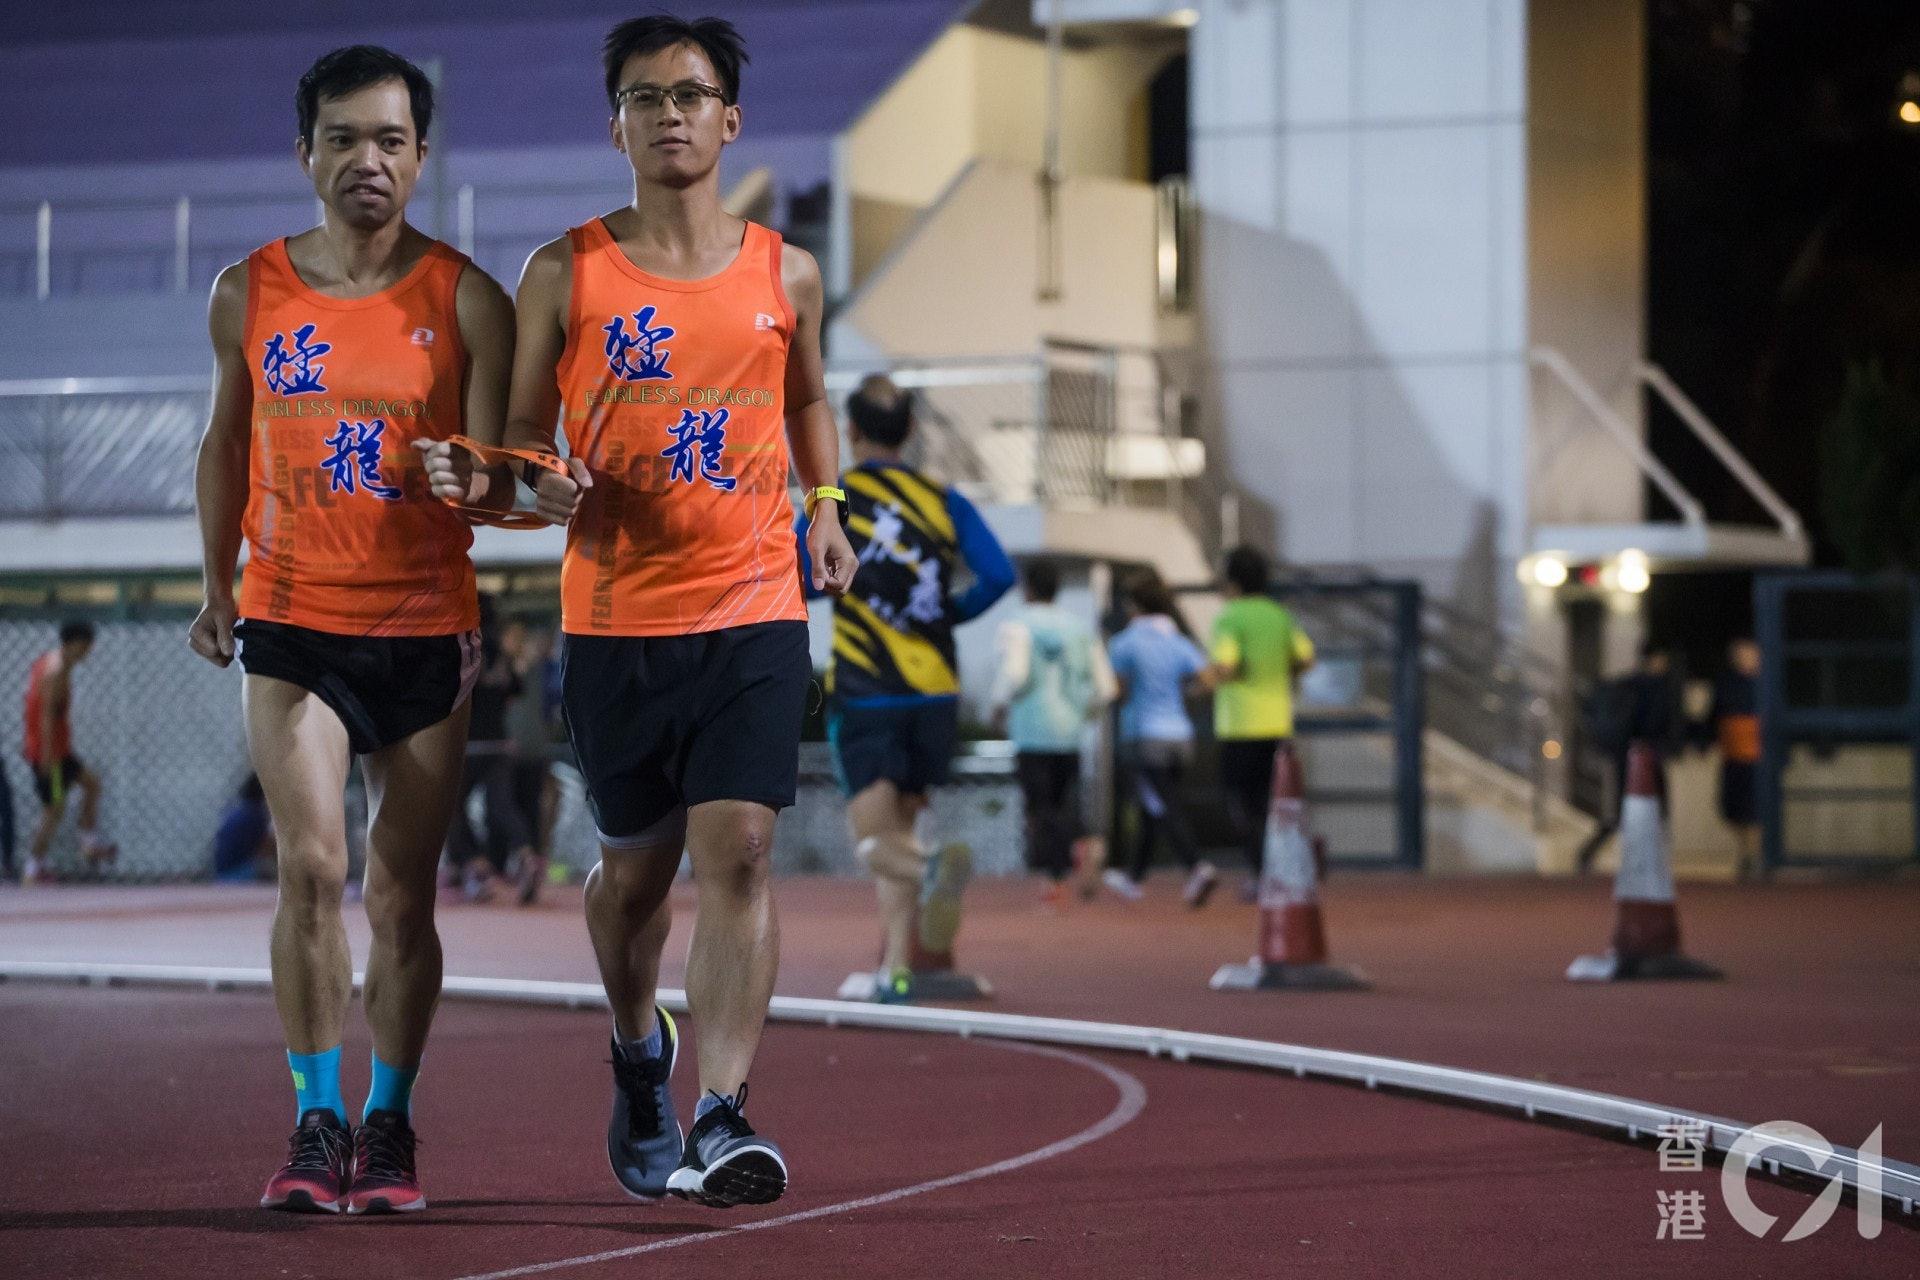 身穿橙衣的浩良(左)與Donald(右),無懼當天冷鋒吹襲,在運動場並肩而行。(余俊亮攝)